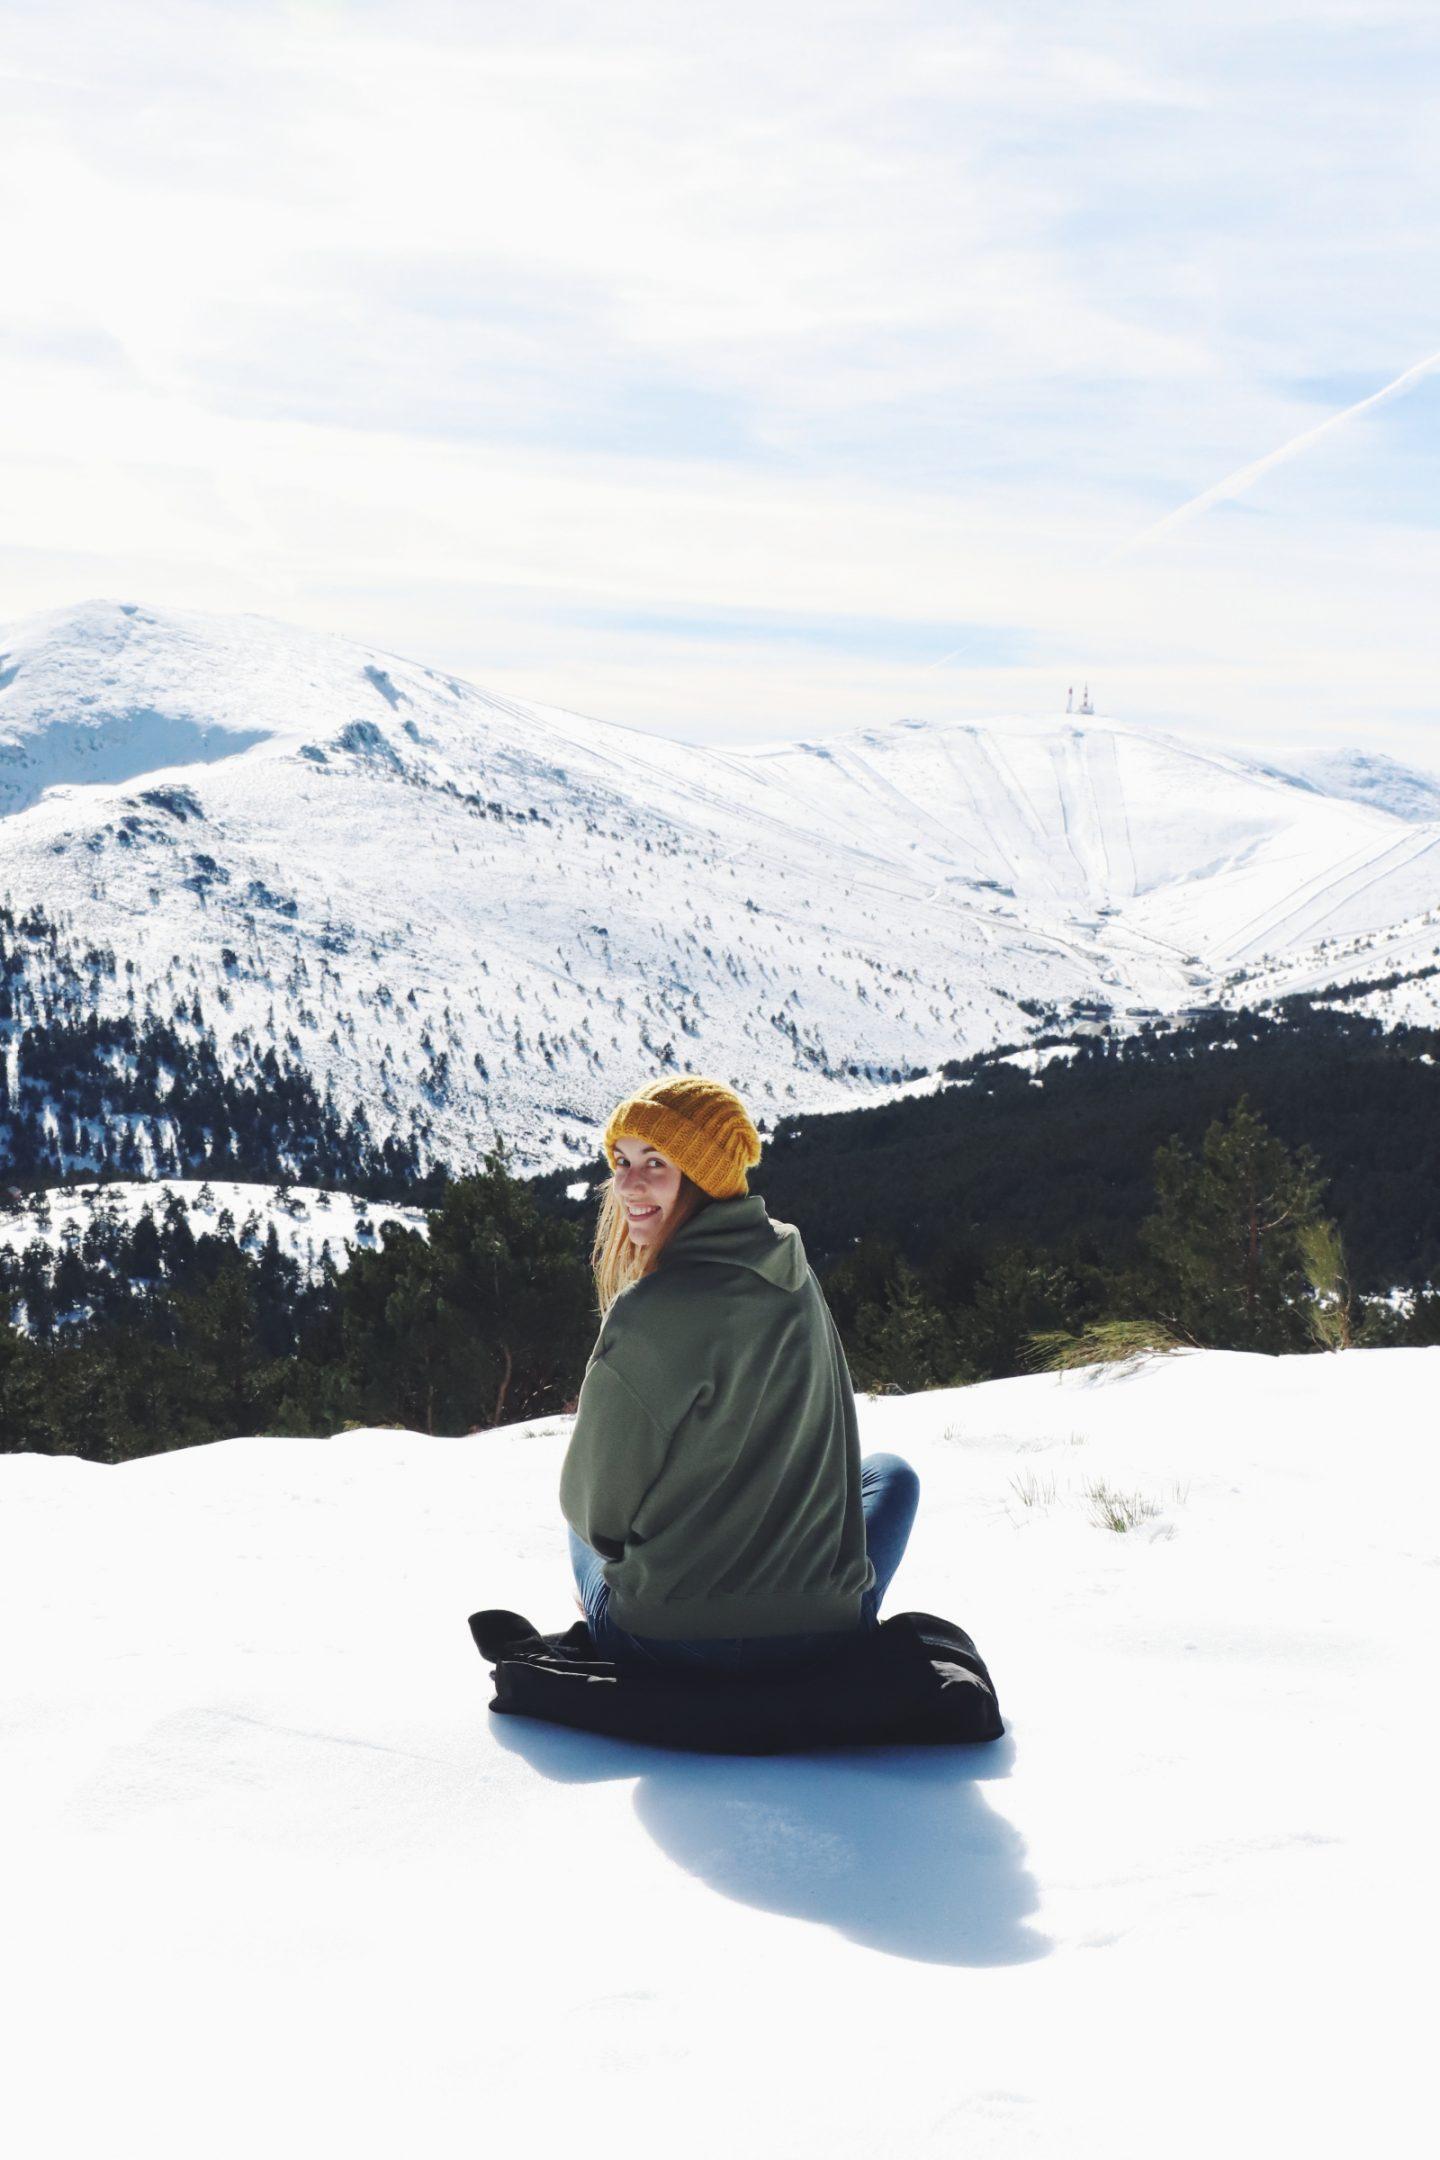 Die besten Kurztrips in den Schnee solo travel - willascherrybomb